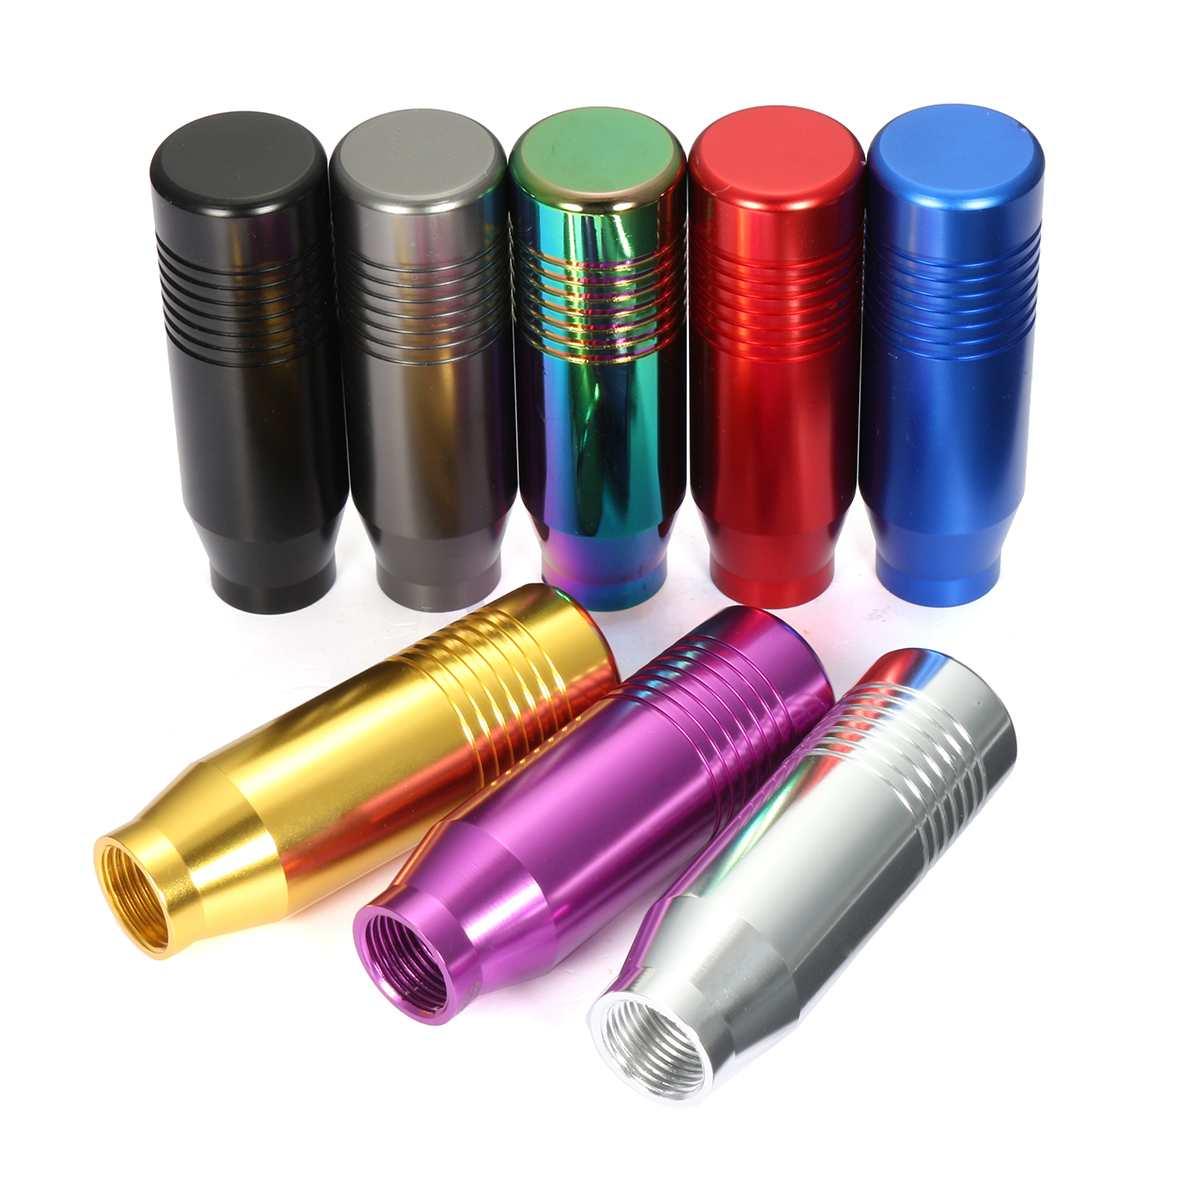 8 цветов Универсальный Автомобильный Алюминиевый ручной рычаг переключения передач ручка ручного переключения передач рычаг переключения...